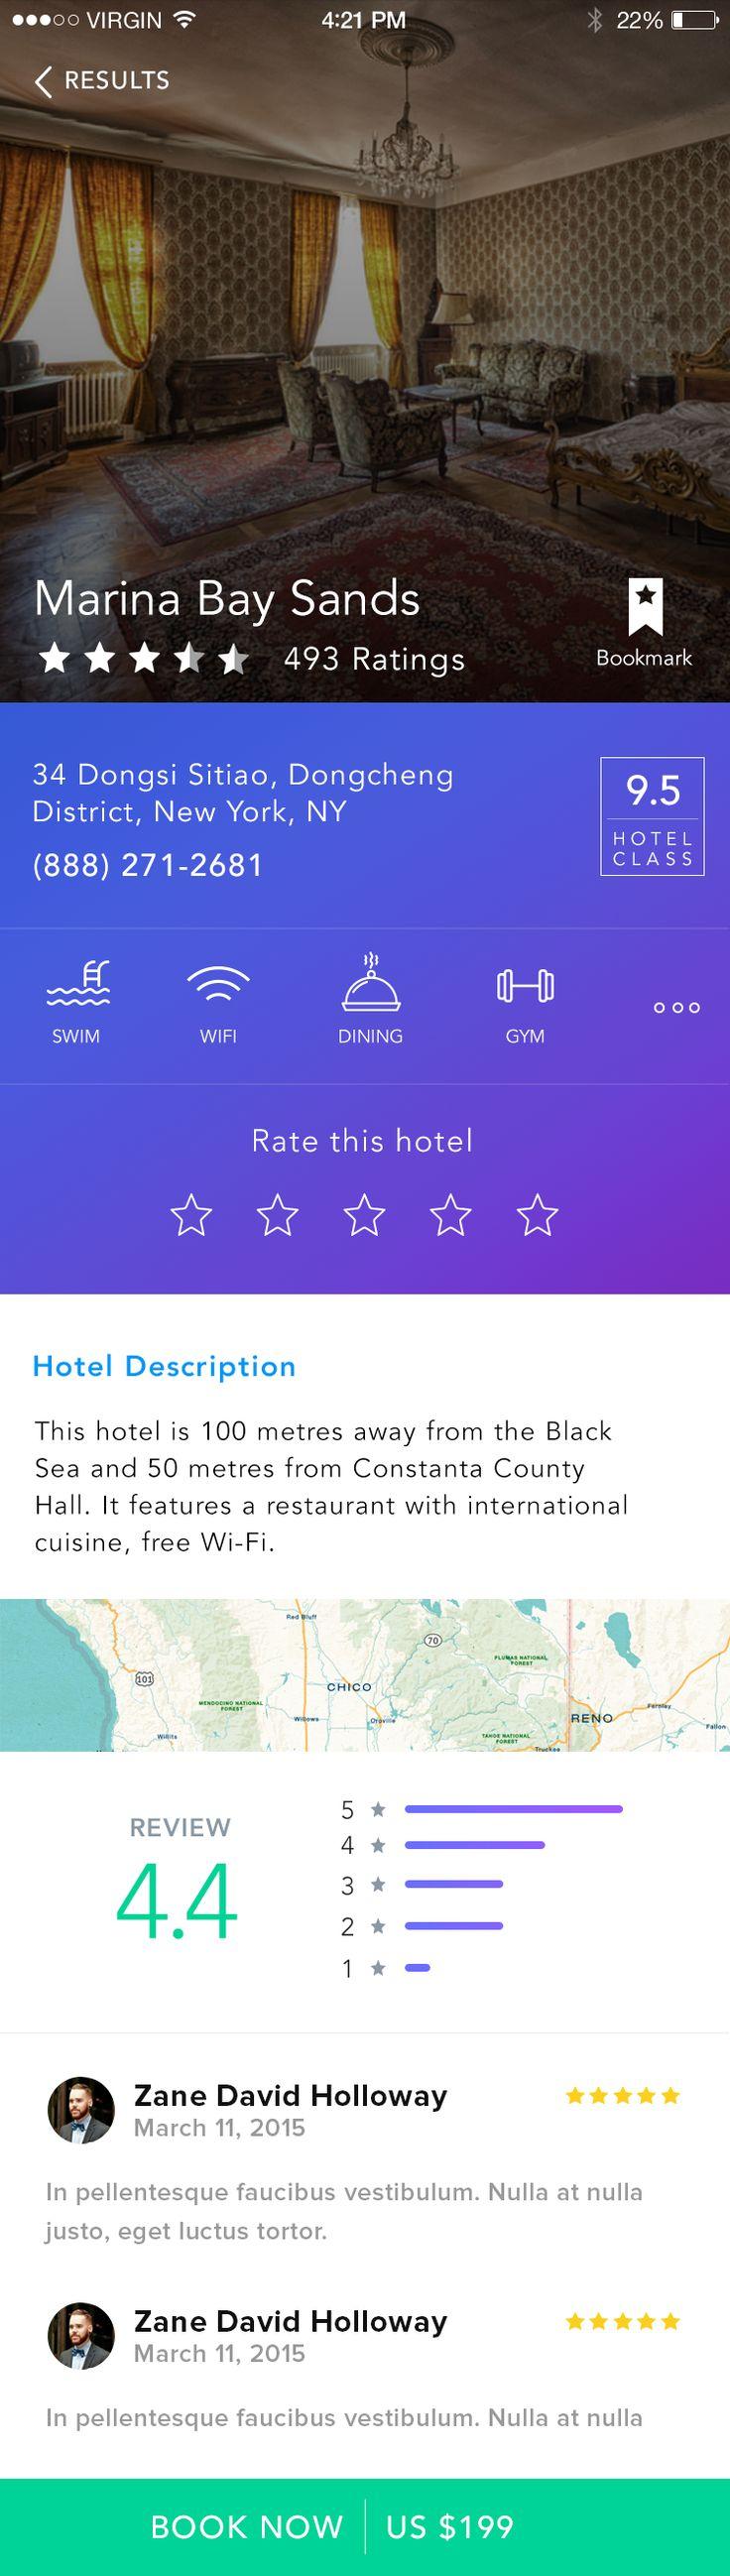 Hotel detail